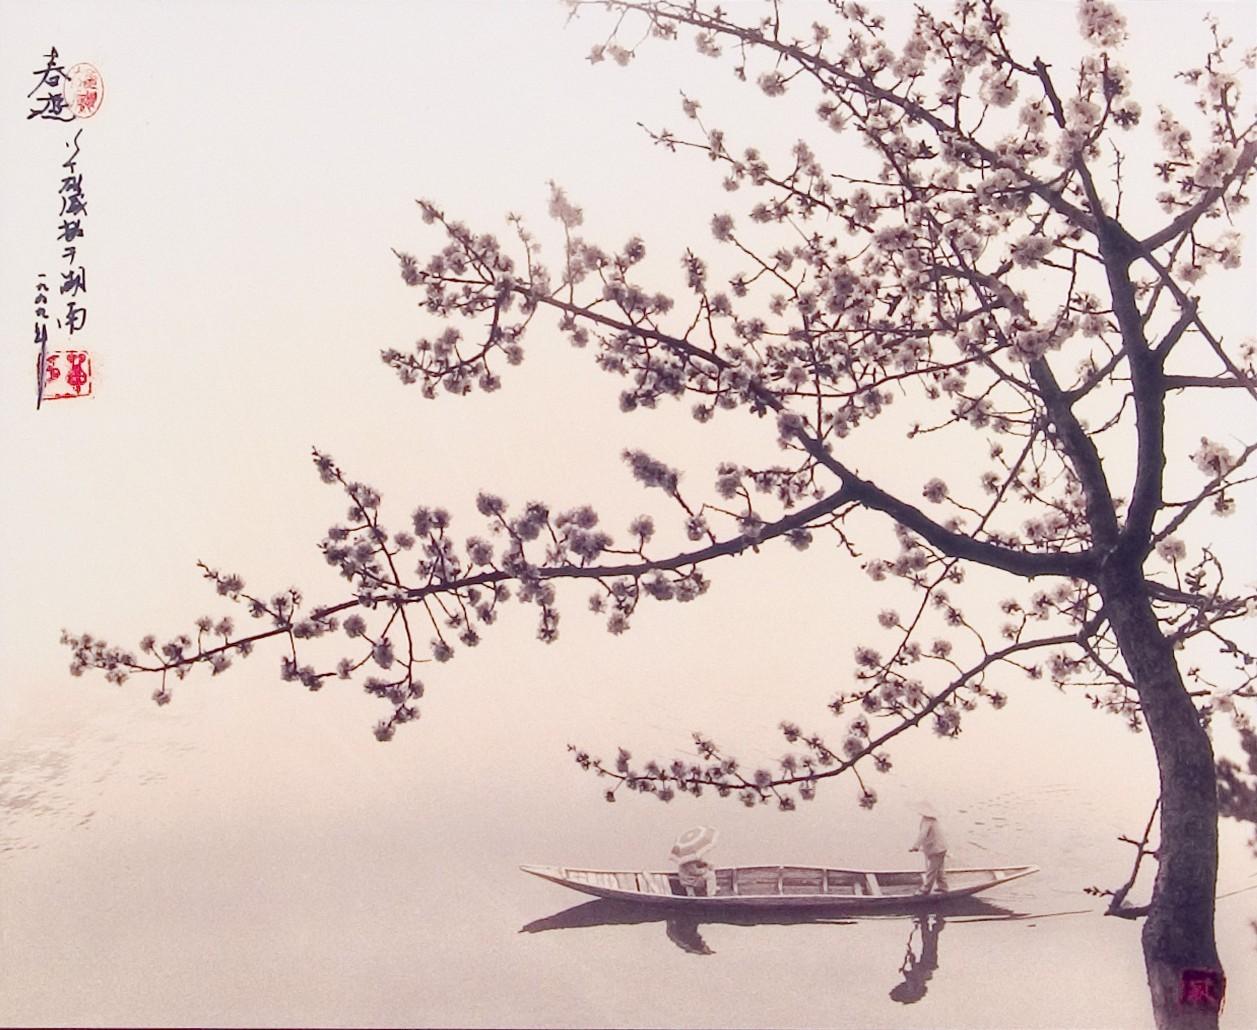 Двое в лодке. Автор Дон Хонг-Оай